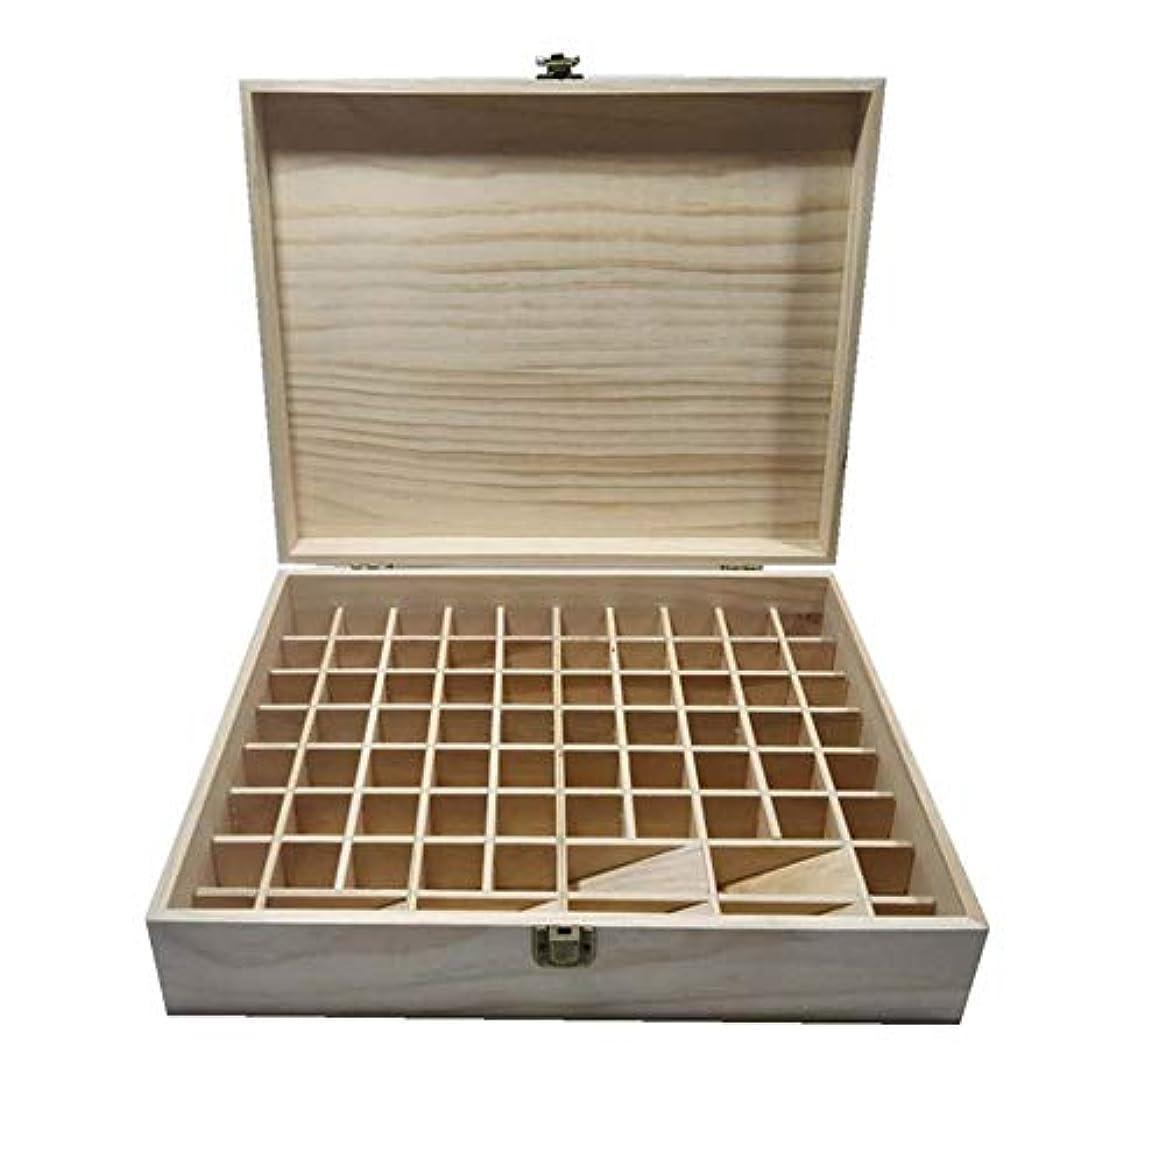 補うファイバ理解する74スロットエッセンシャルオイルボックス木製収納ケースは、74本のボトルエッセンシャルオイルスペースセーバーの開催します アロマセラピー製品 (色 : Natural, サイズ : 34X27.5X9CM)